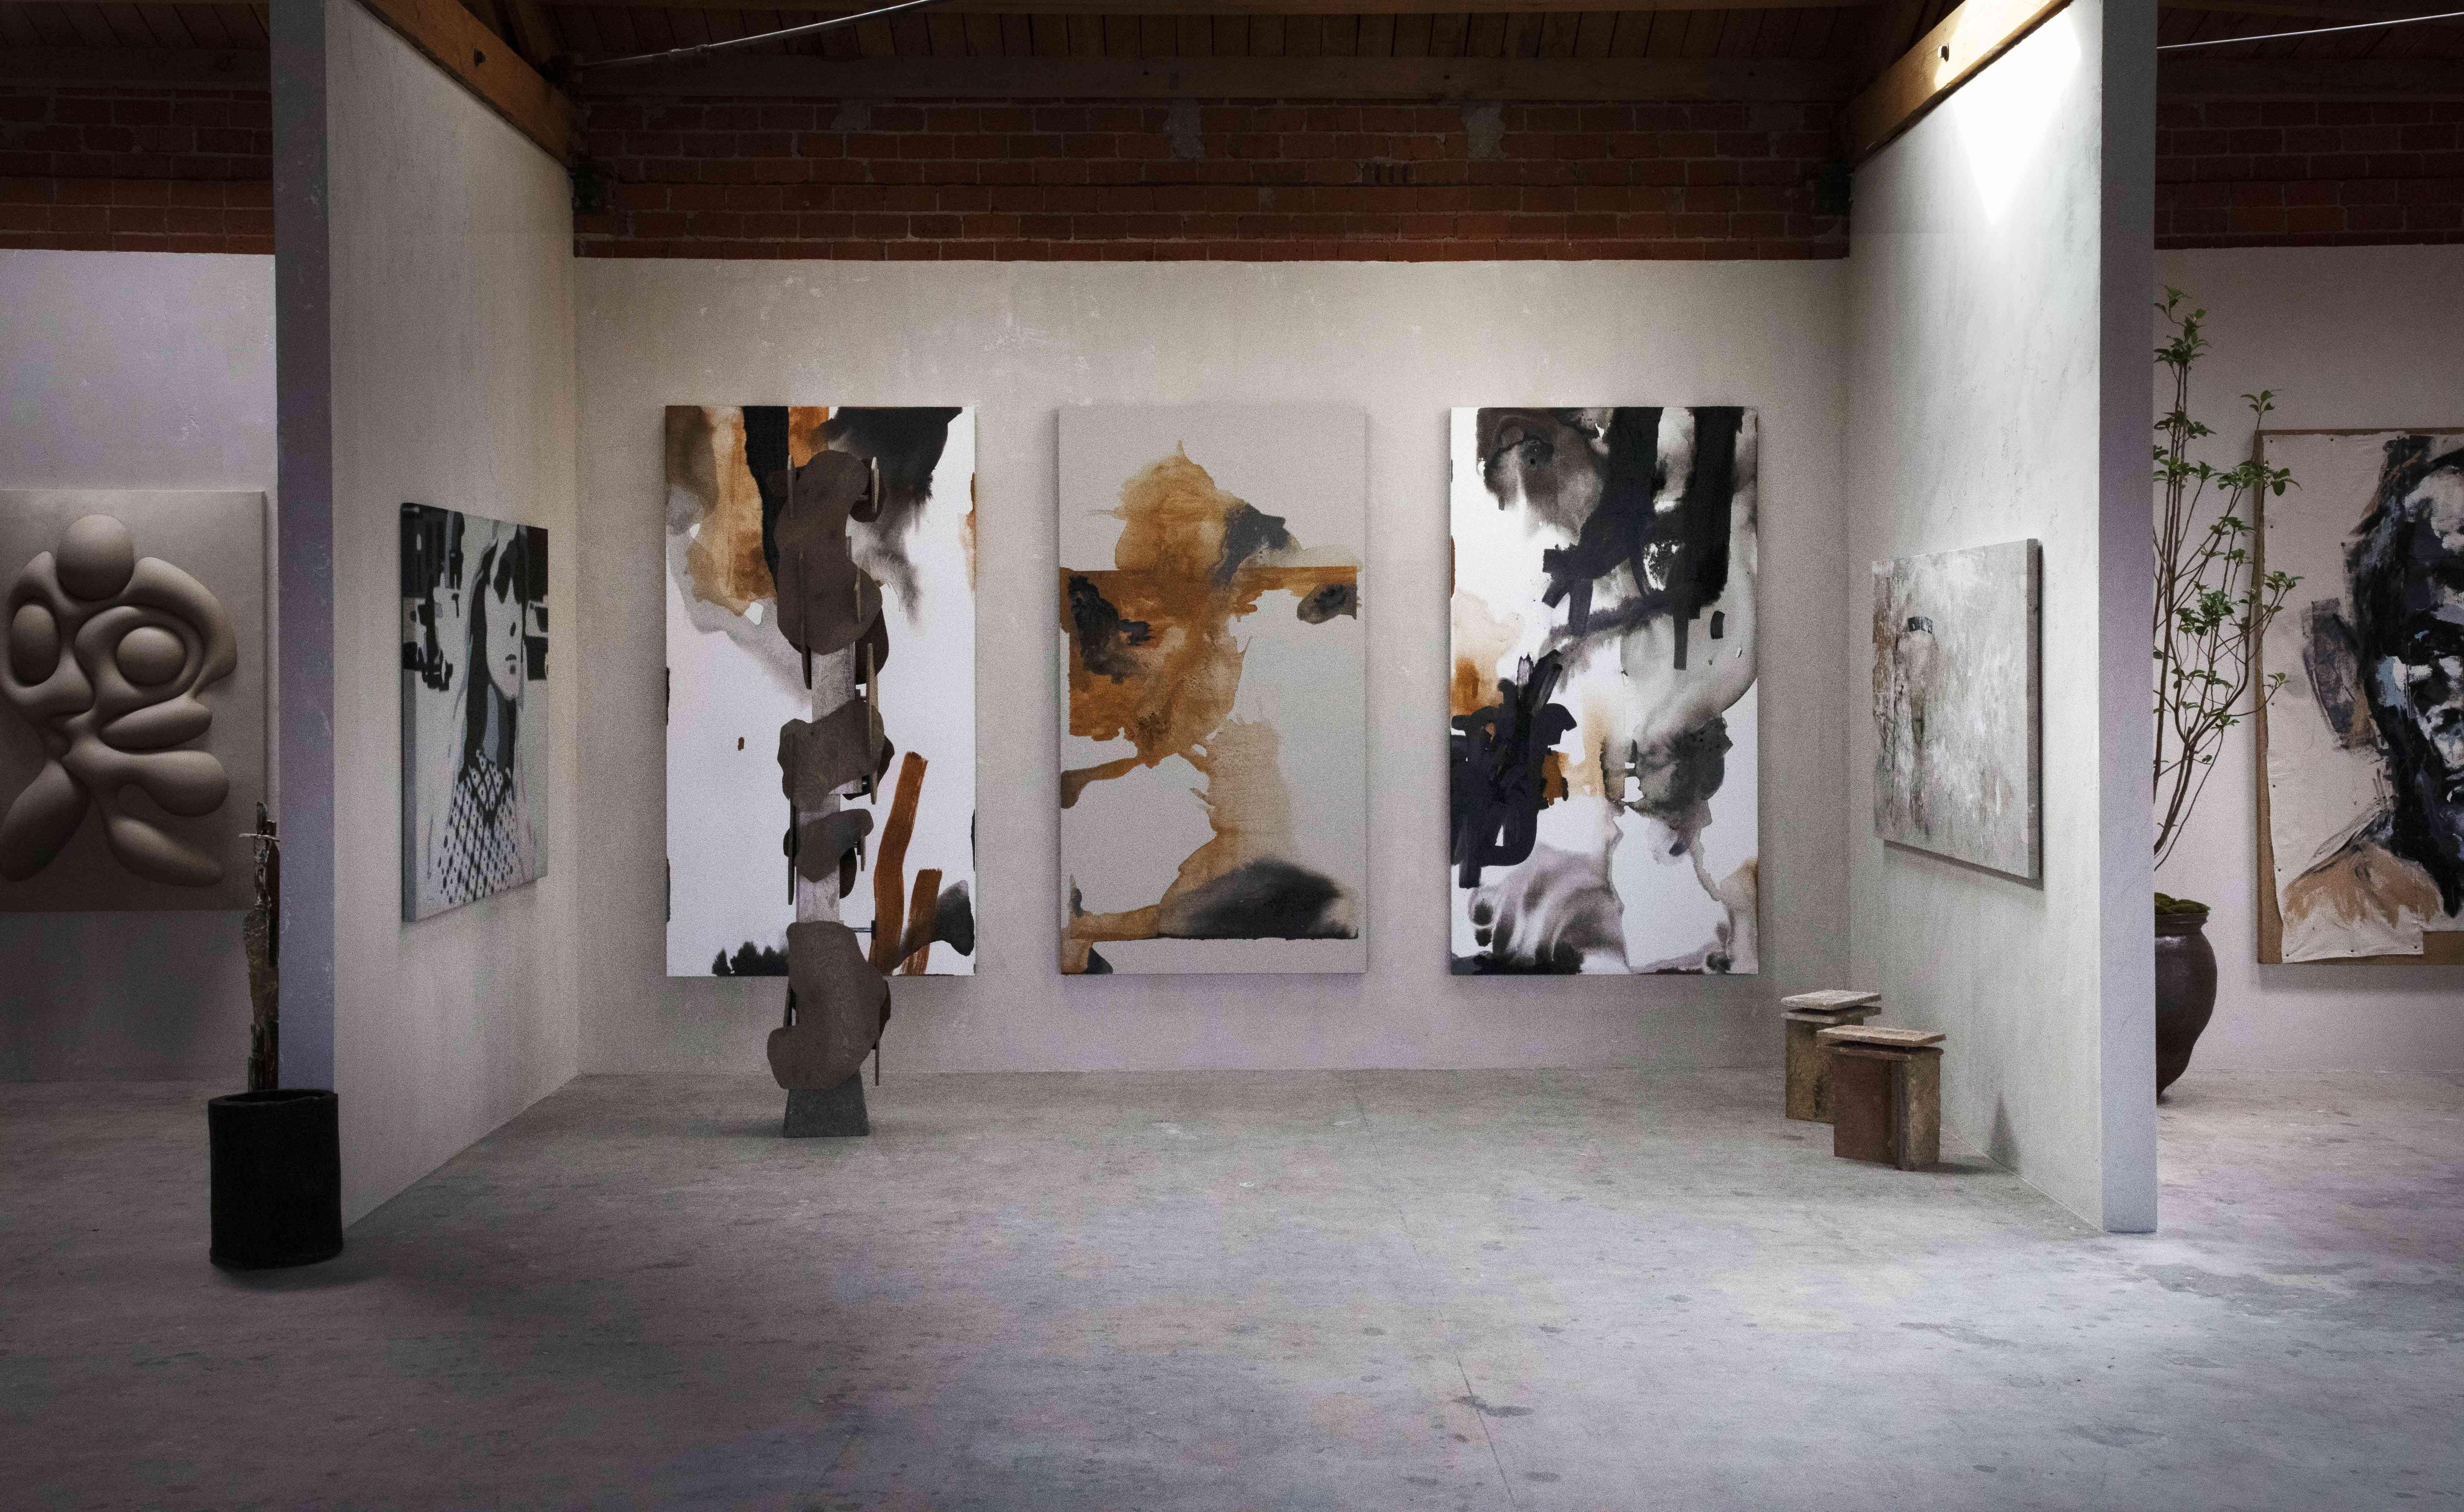 Wall art in exhibit.